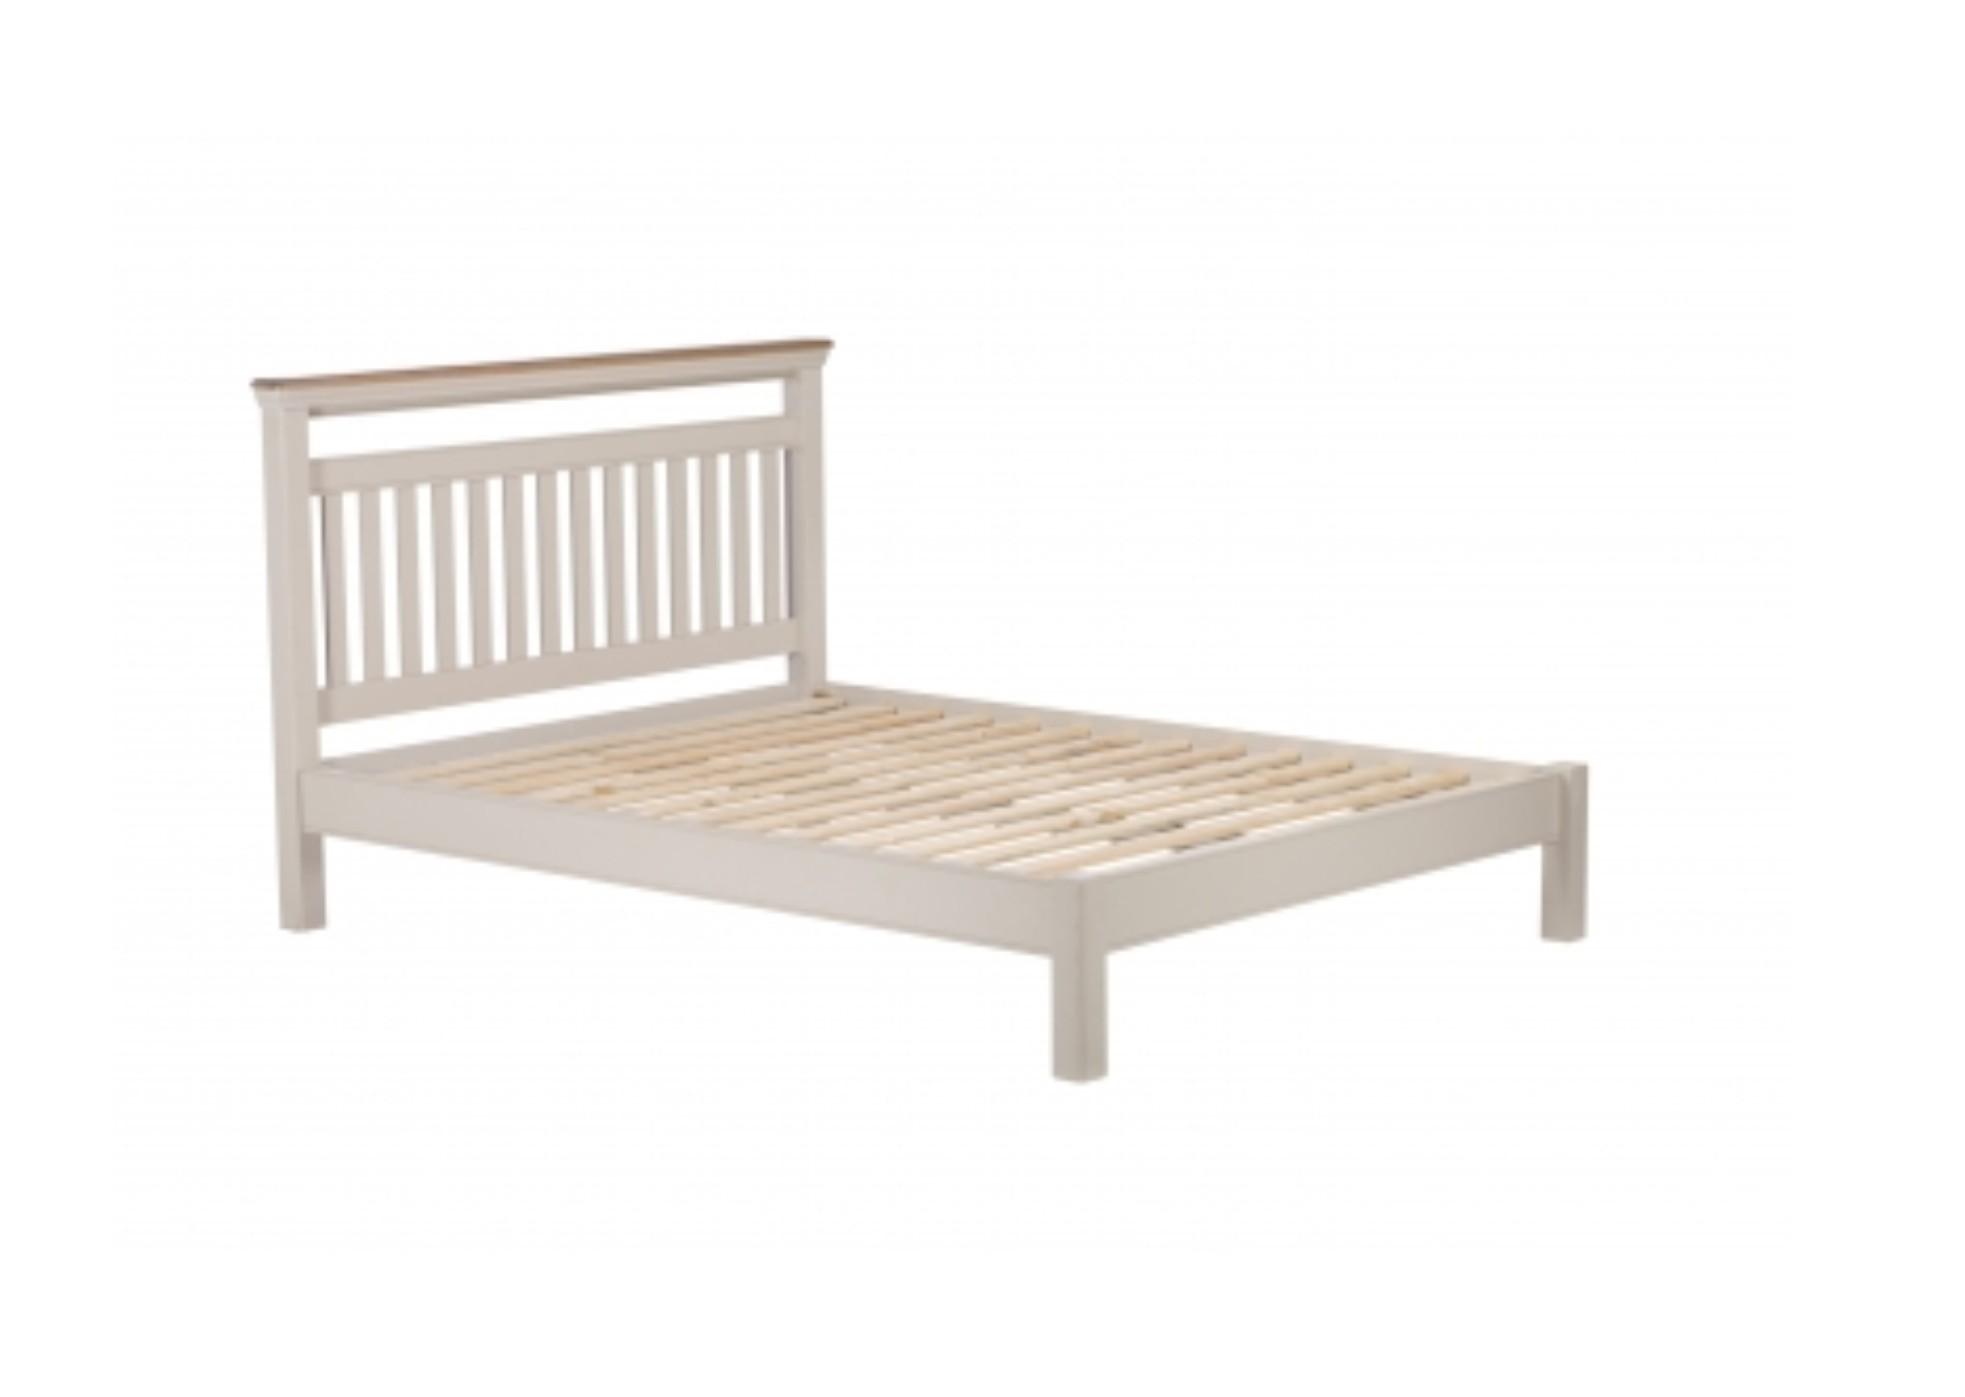 Tenby Painted Bedstead